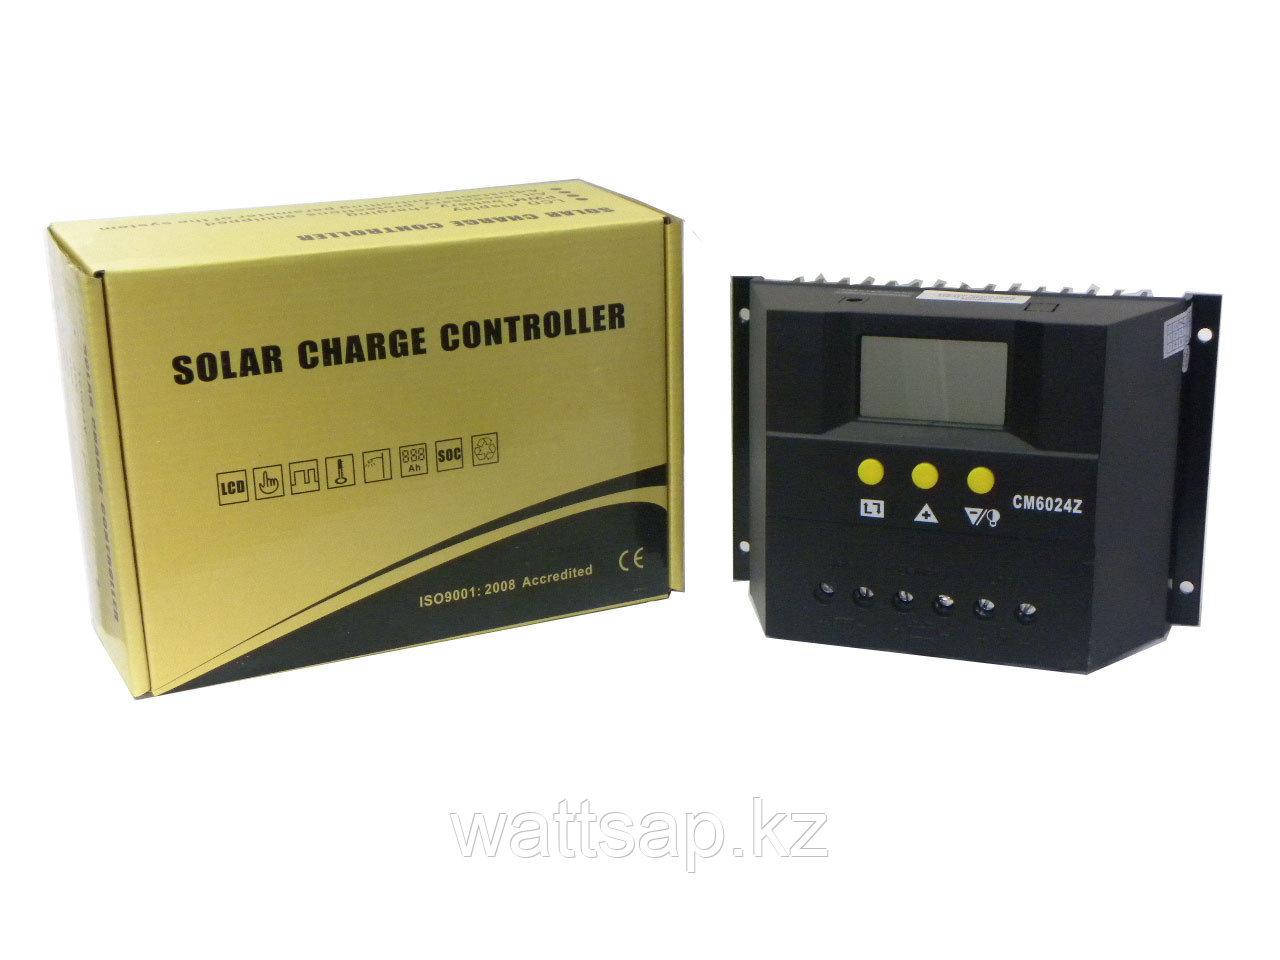 Контроллер заряда аккумуляторов для солнечных систем CM6024Z 60А